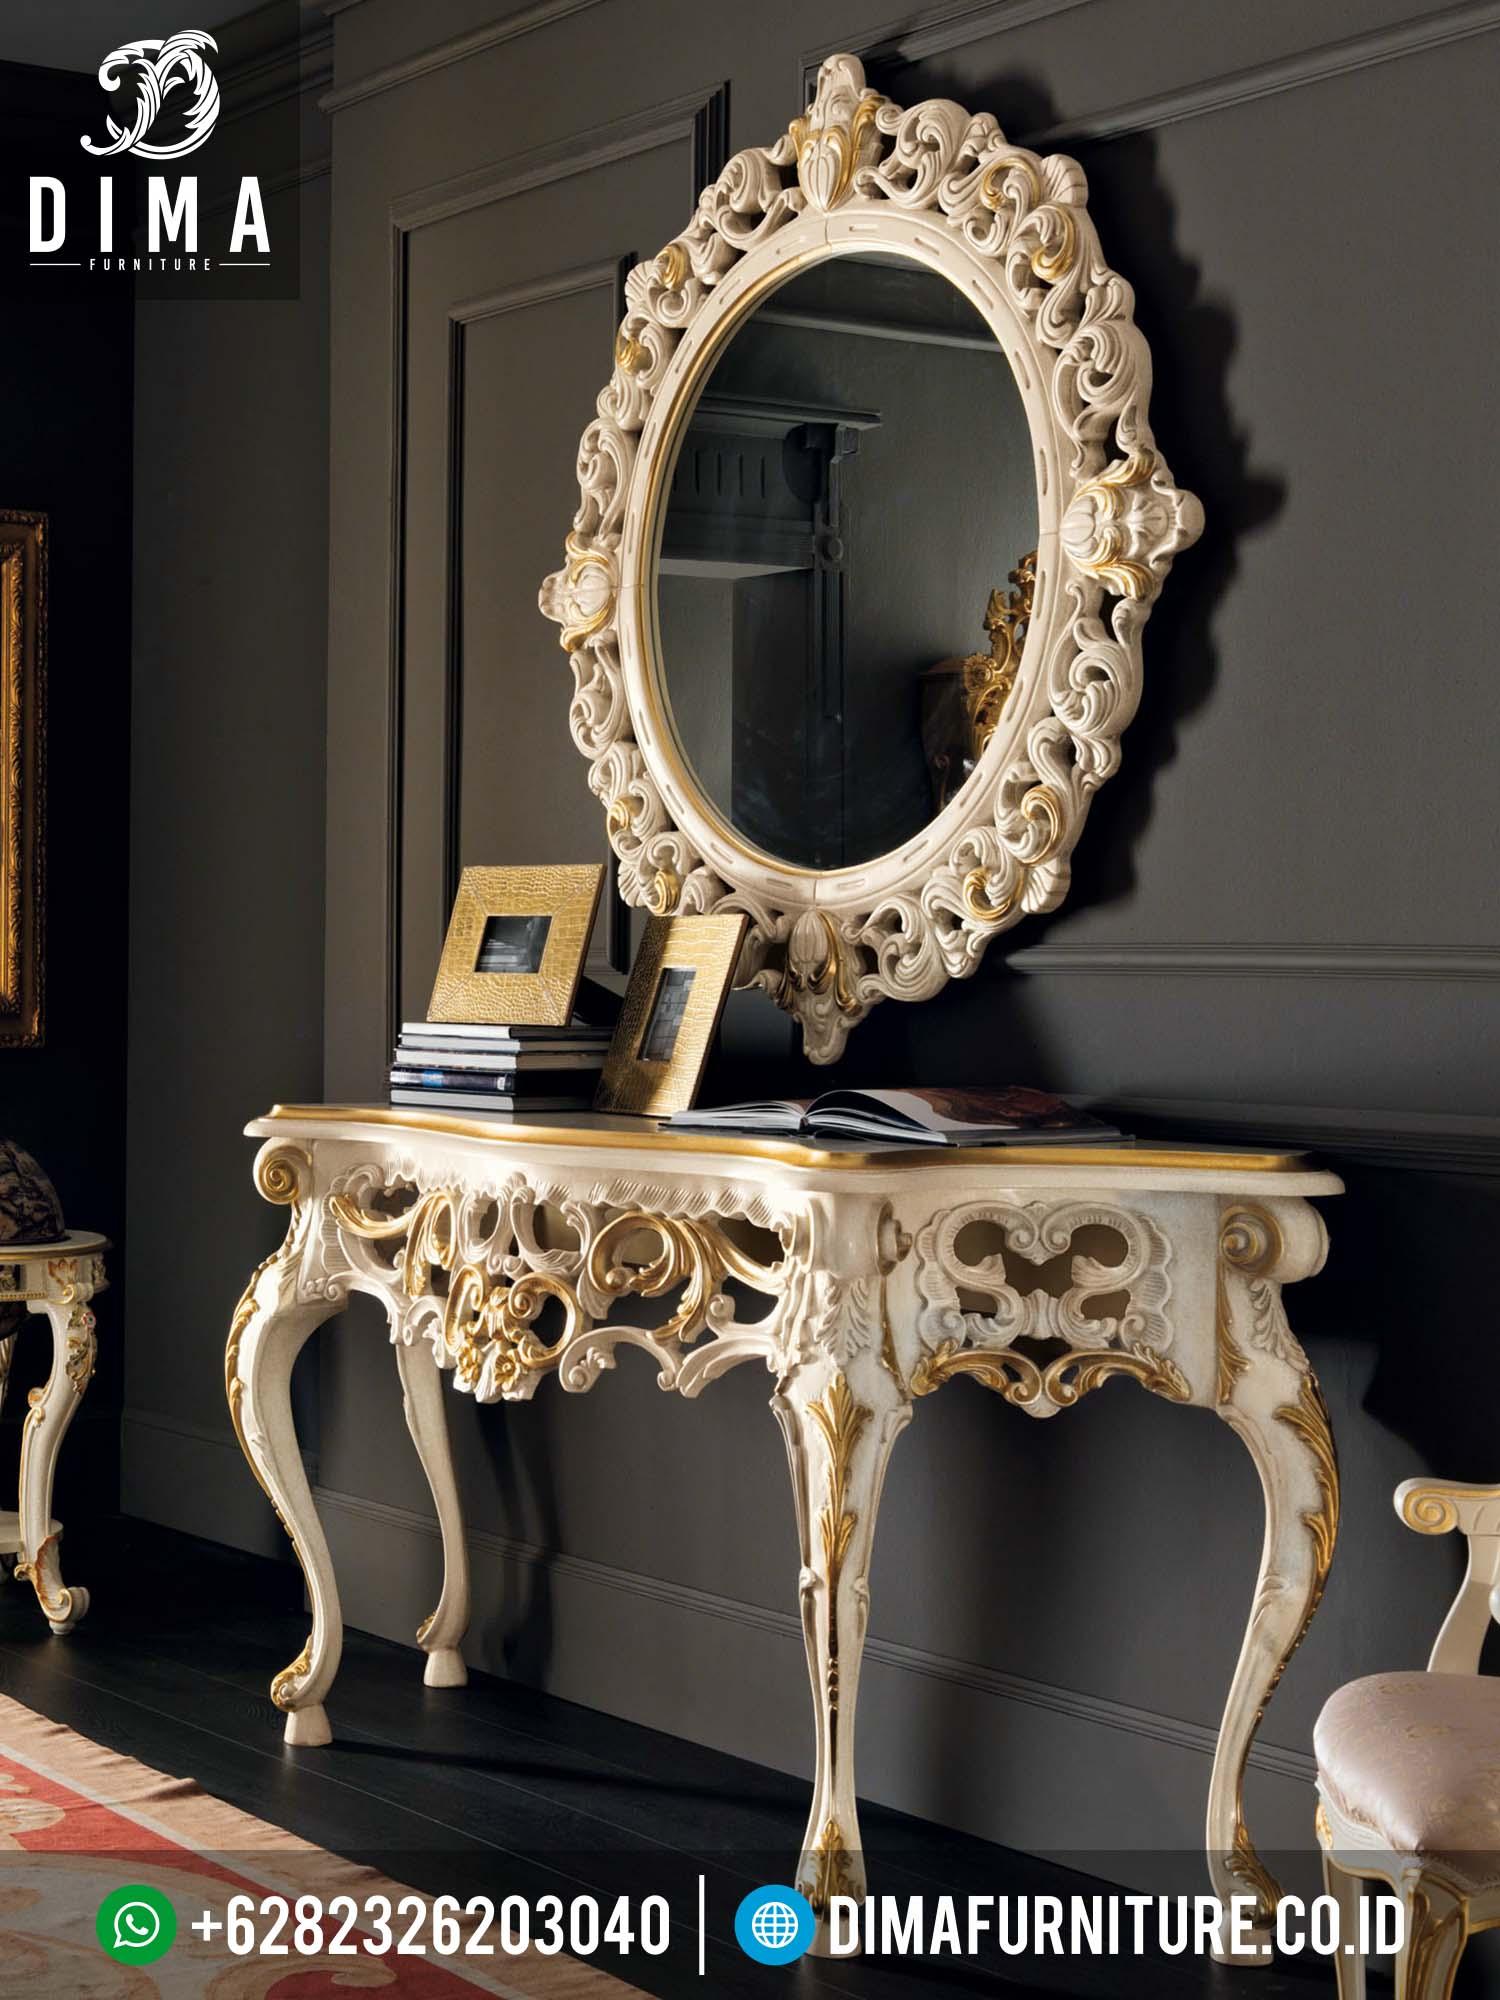 Meja Hias Dinding Atau Meja Konsol Dengan Mirror Klasik Mewah Murah Terbaru 2016 DF-0116